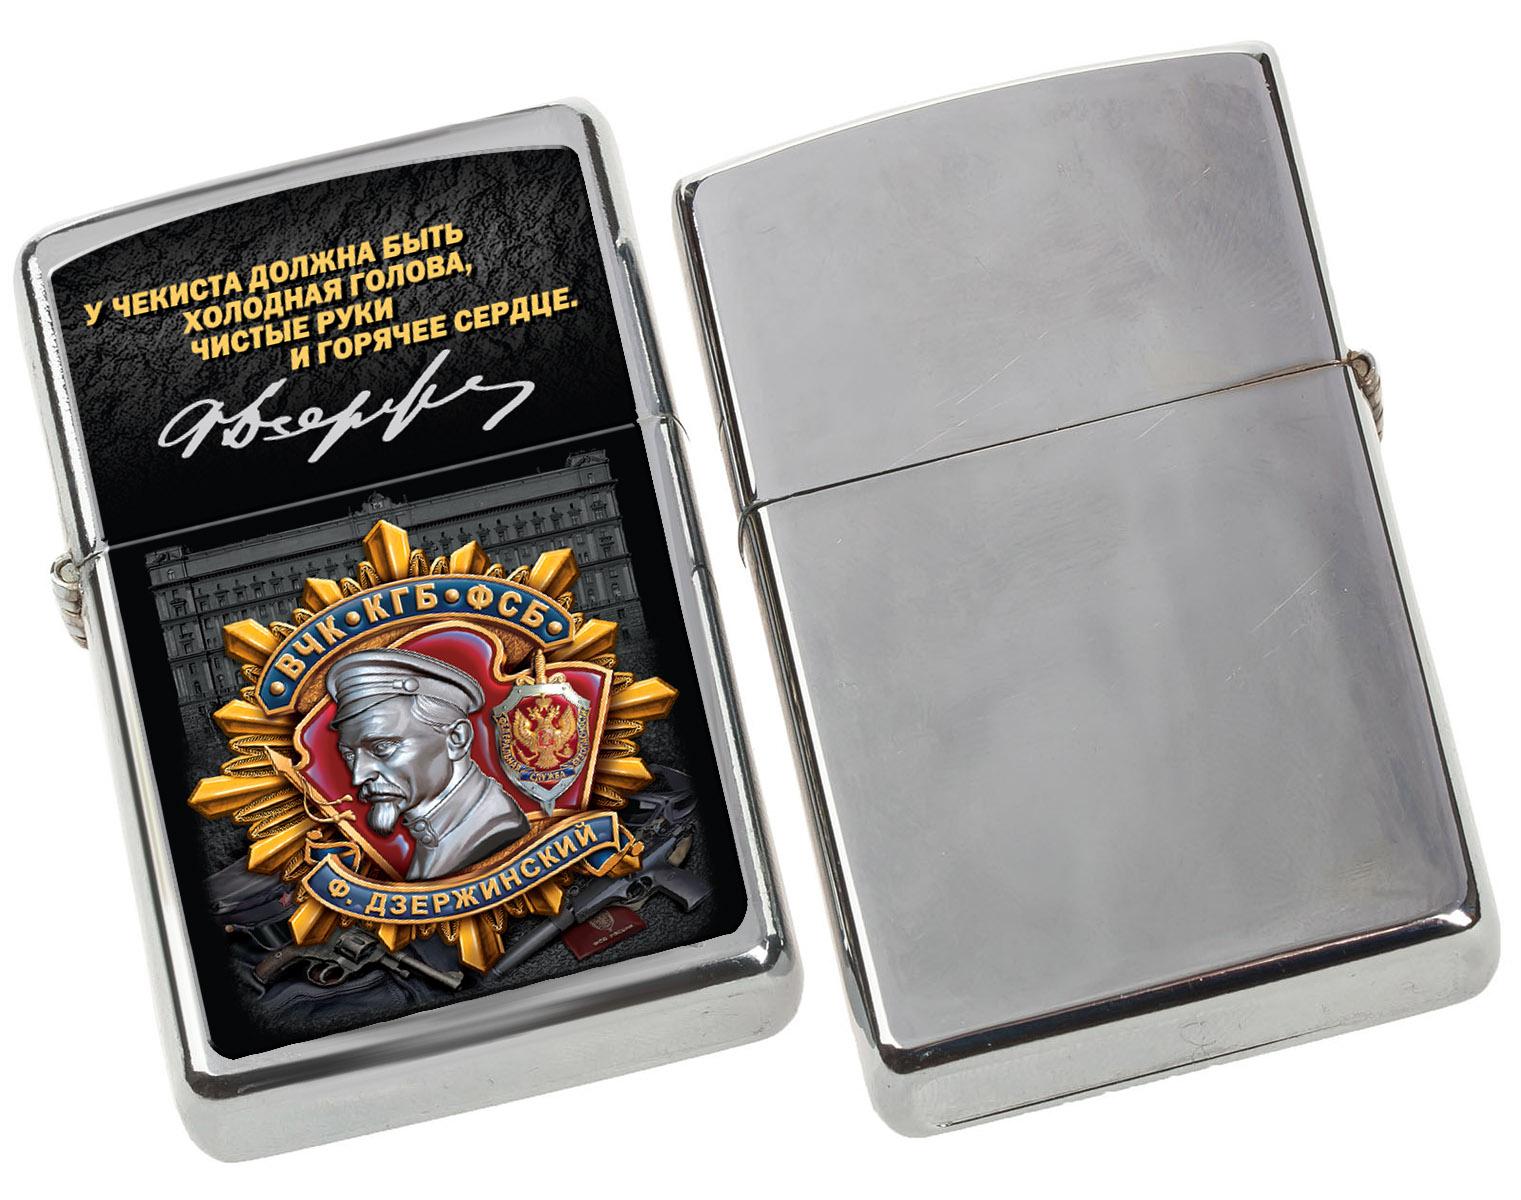 Авторская металлическая зажигалка - купить в подарок